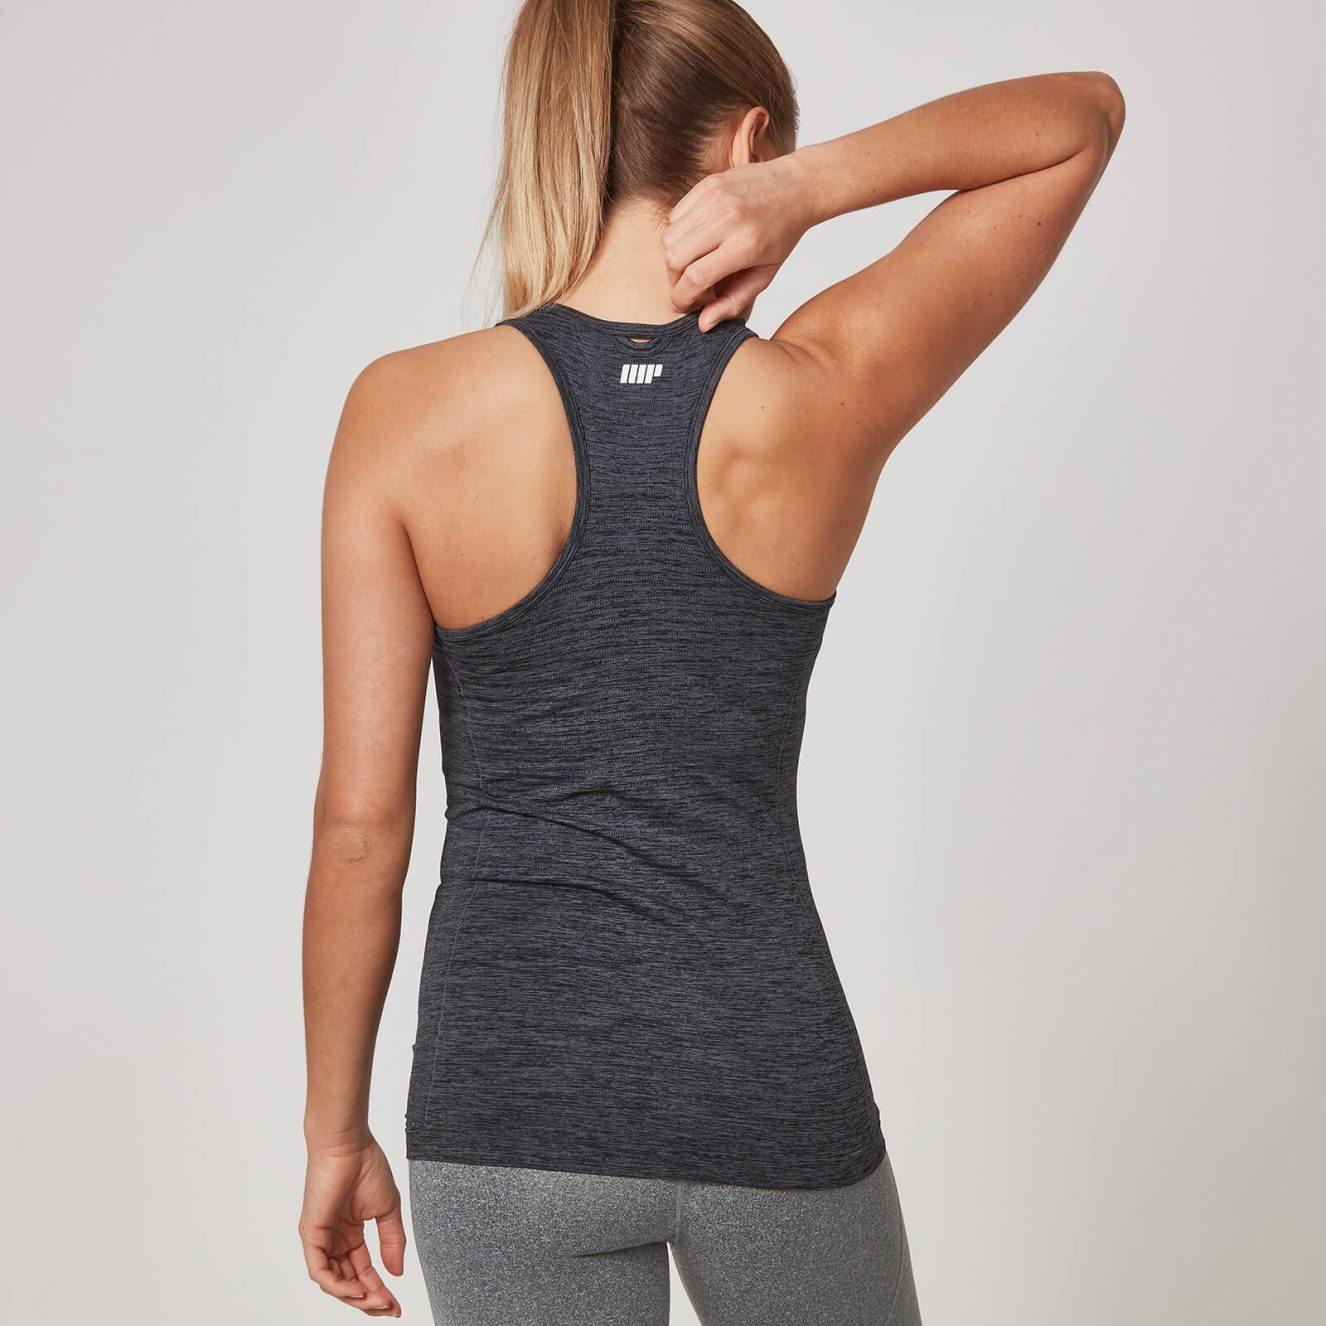 myprotein seamless vest top, by healthista.com